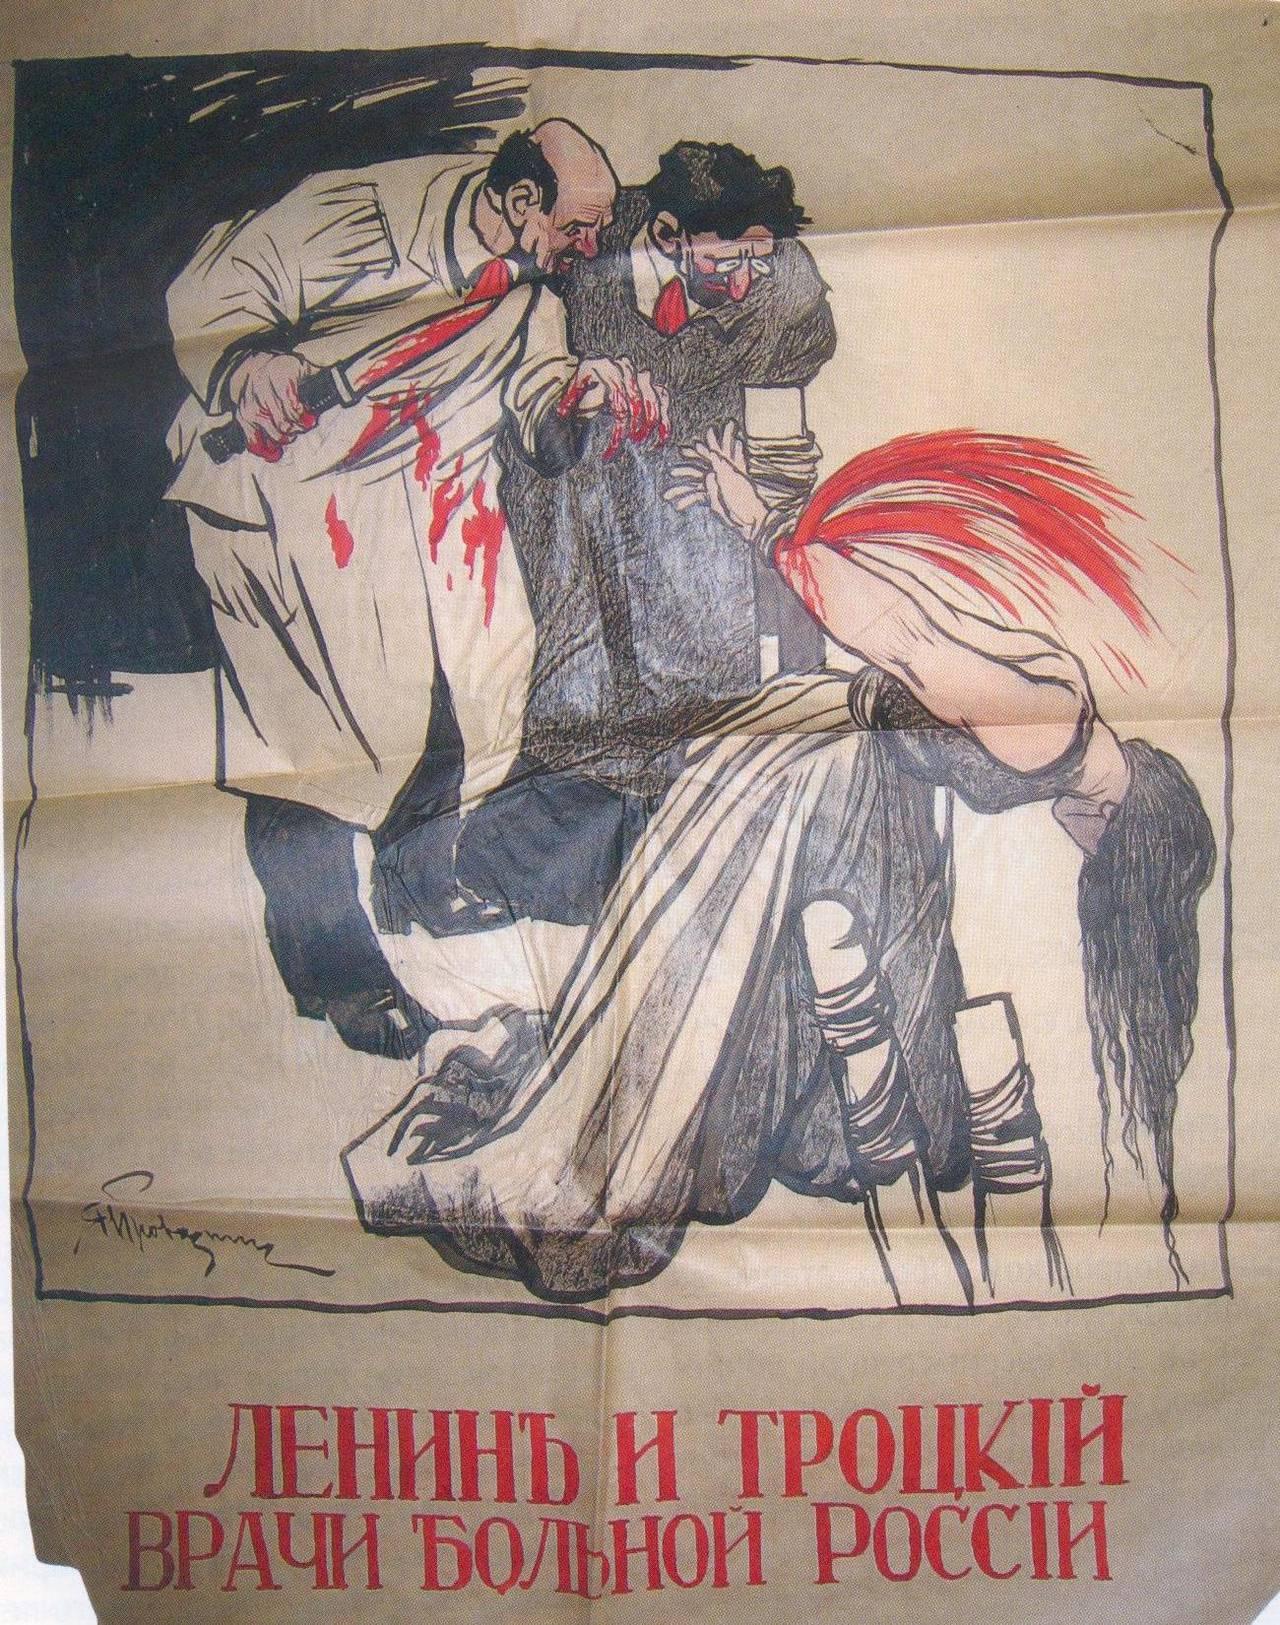 22. Ленин и Троцкий – врачи больной России